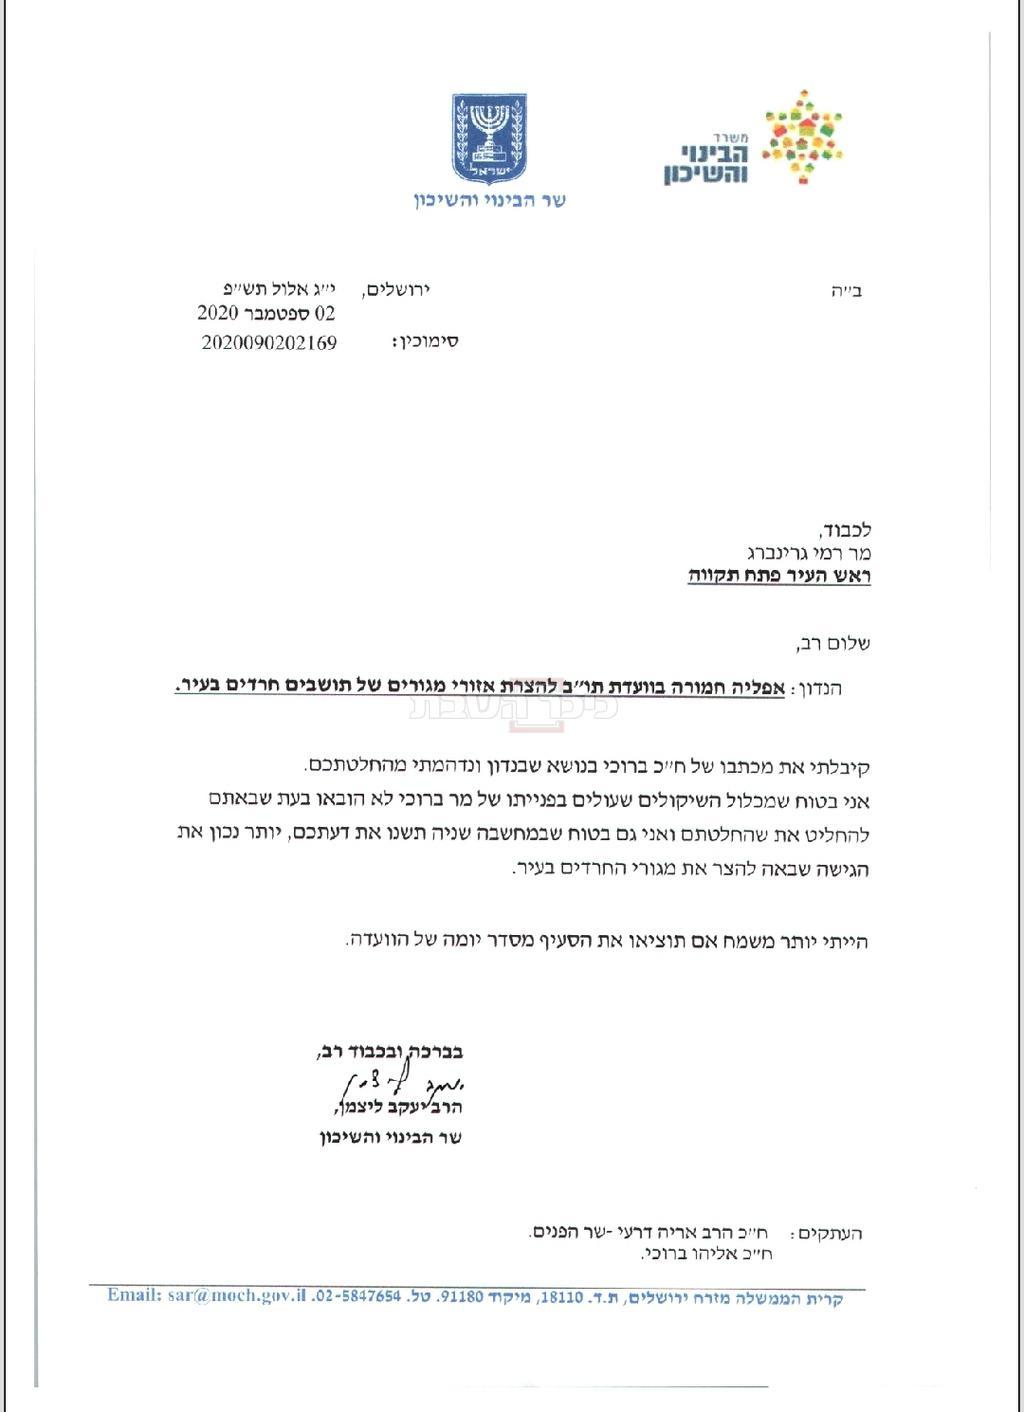 המכתב של ליצמן